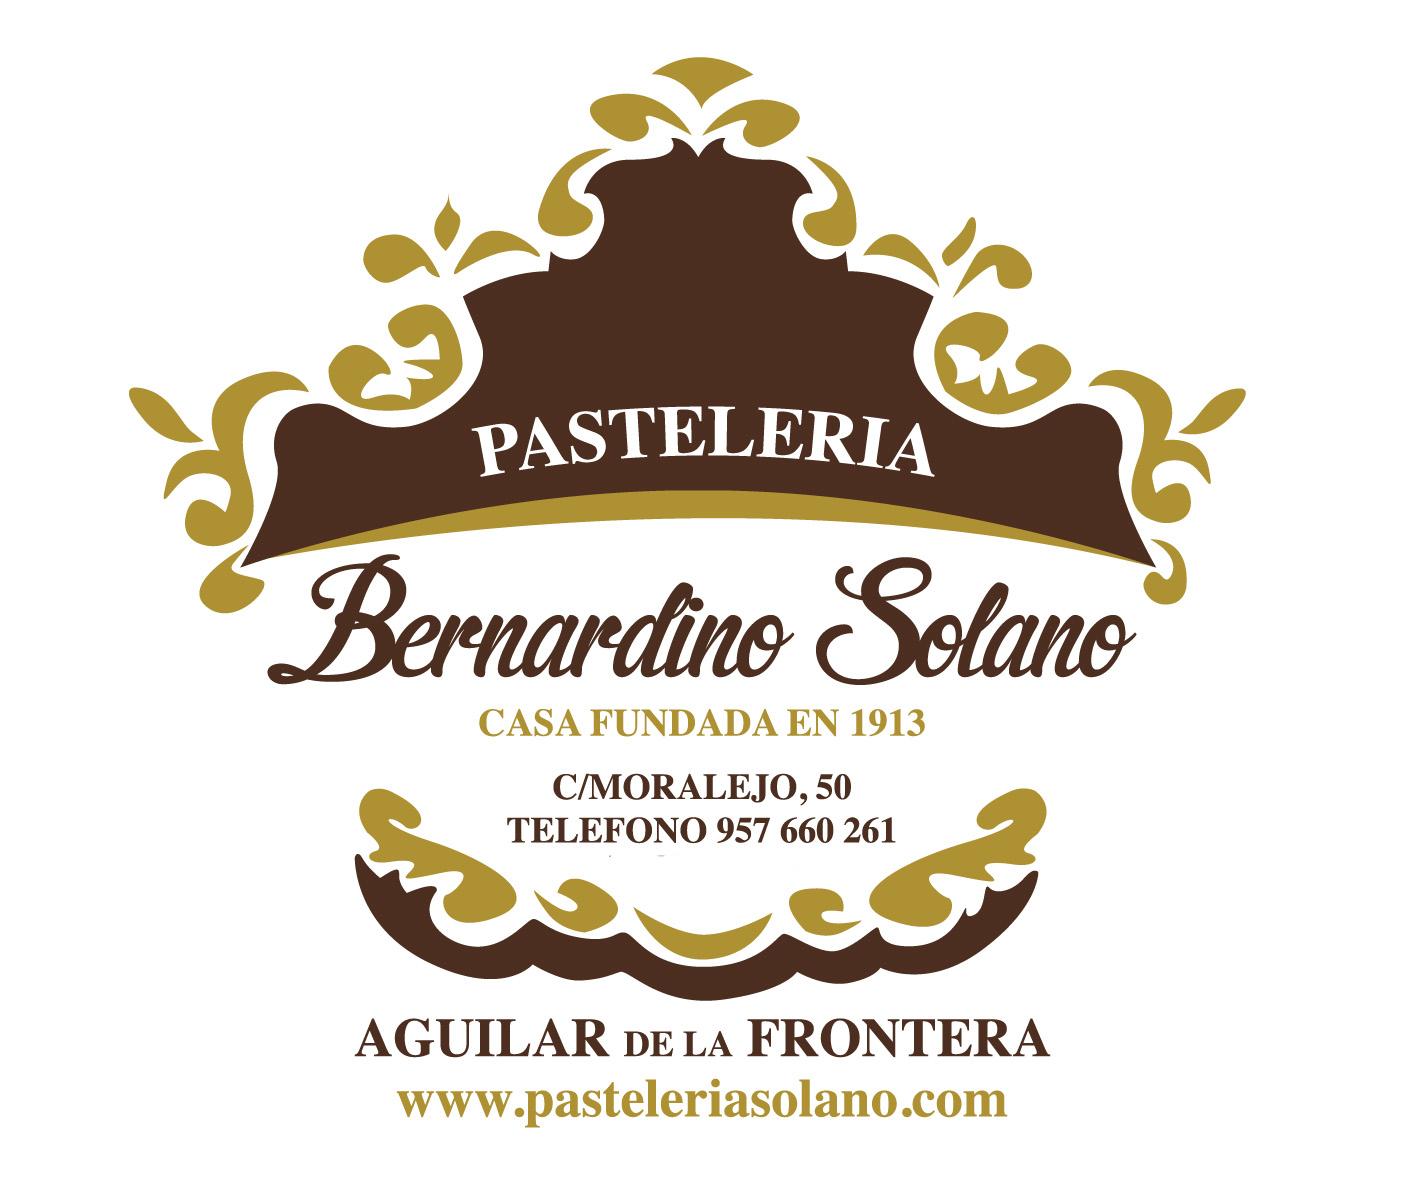 Pastelería Bernardino Solano traspasa fronteras